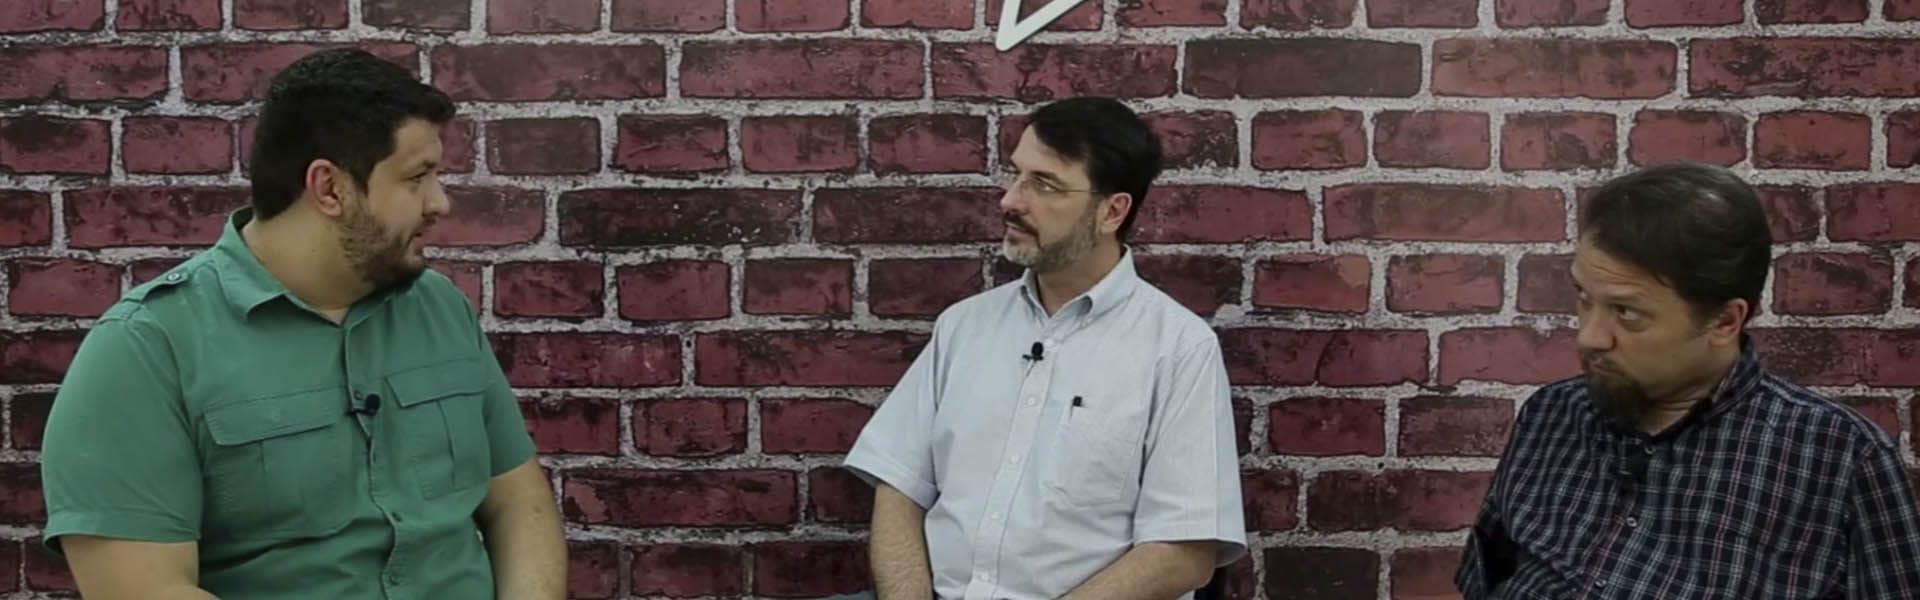 O que o cristão deve fazer diante da decadente educação brasileira?   VEcast #25